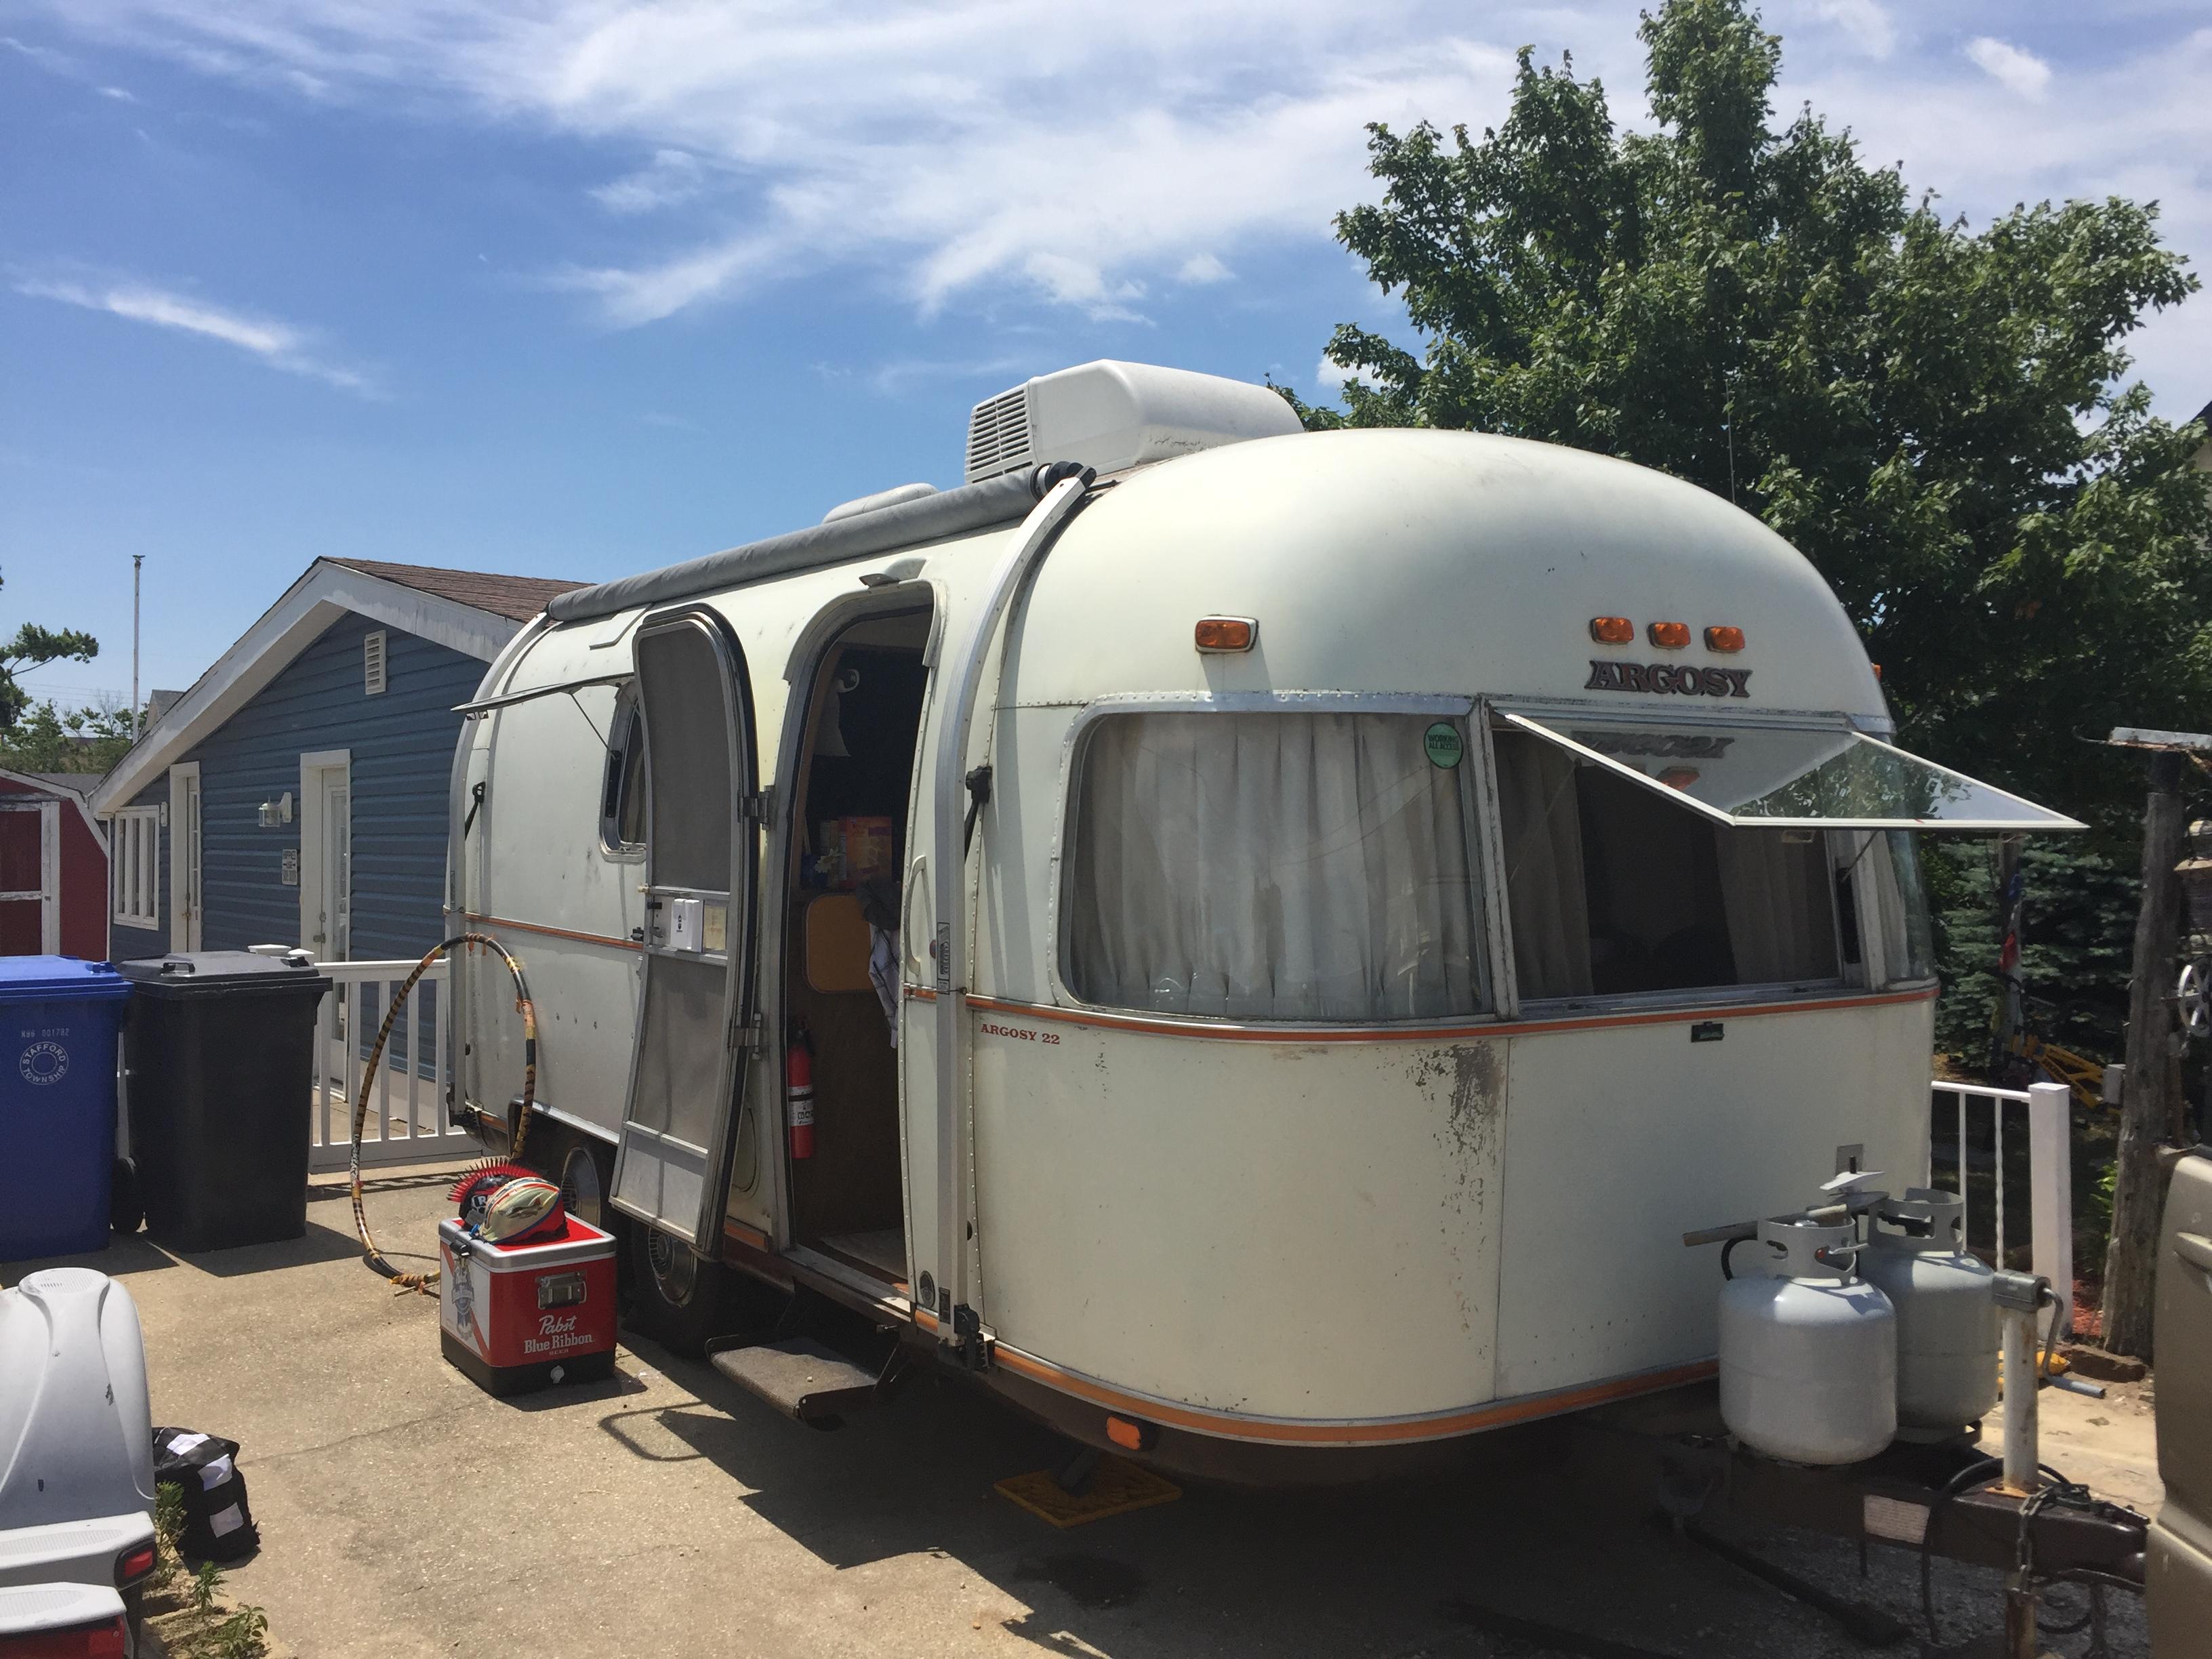 July 4 2018 beach camping. Airstream Argosy 1974